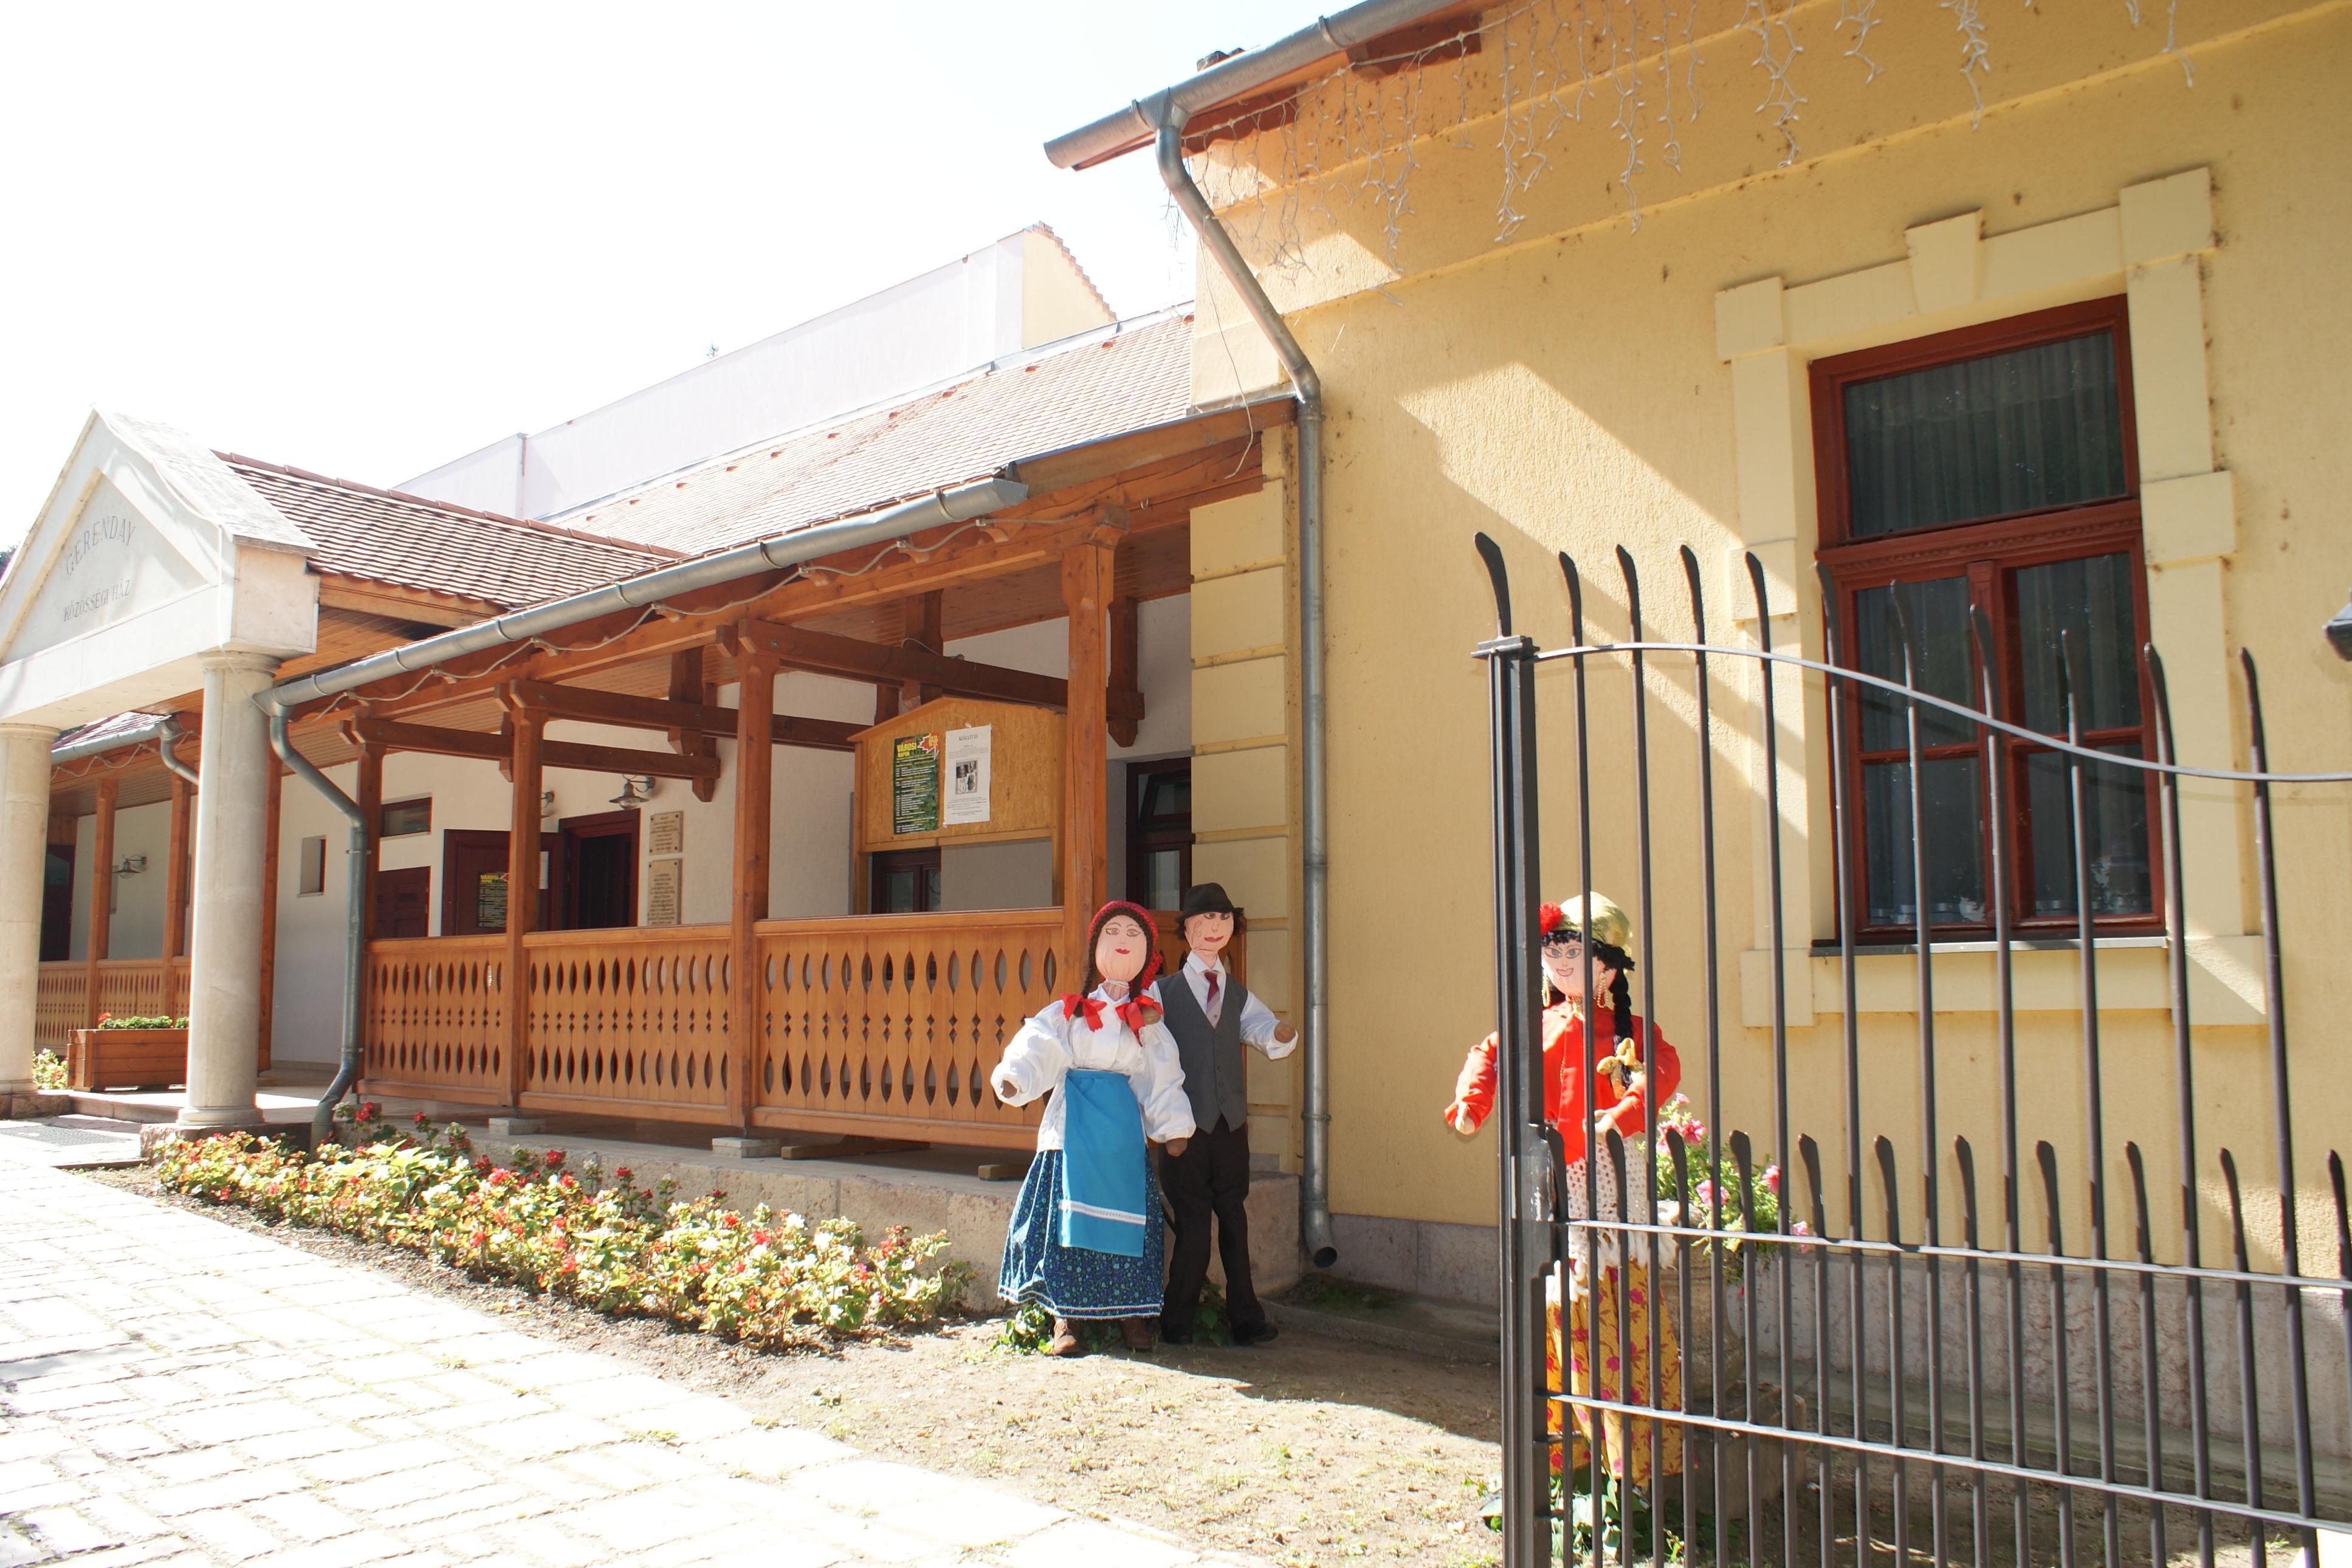 Gerenday Haus, Lábatlan, Partnergemeinde in Ungarn